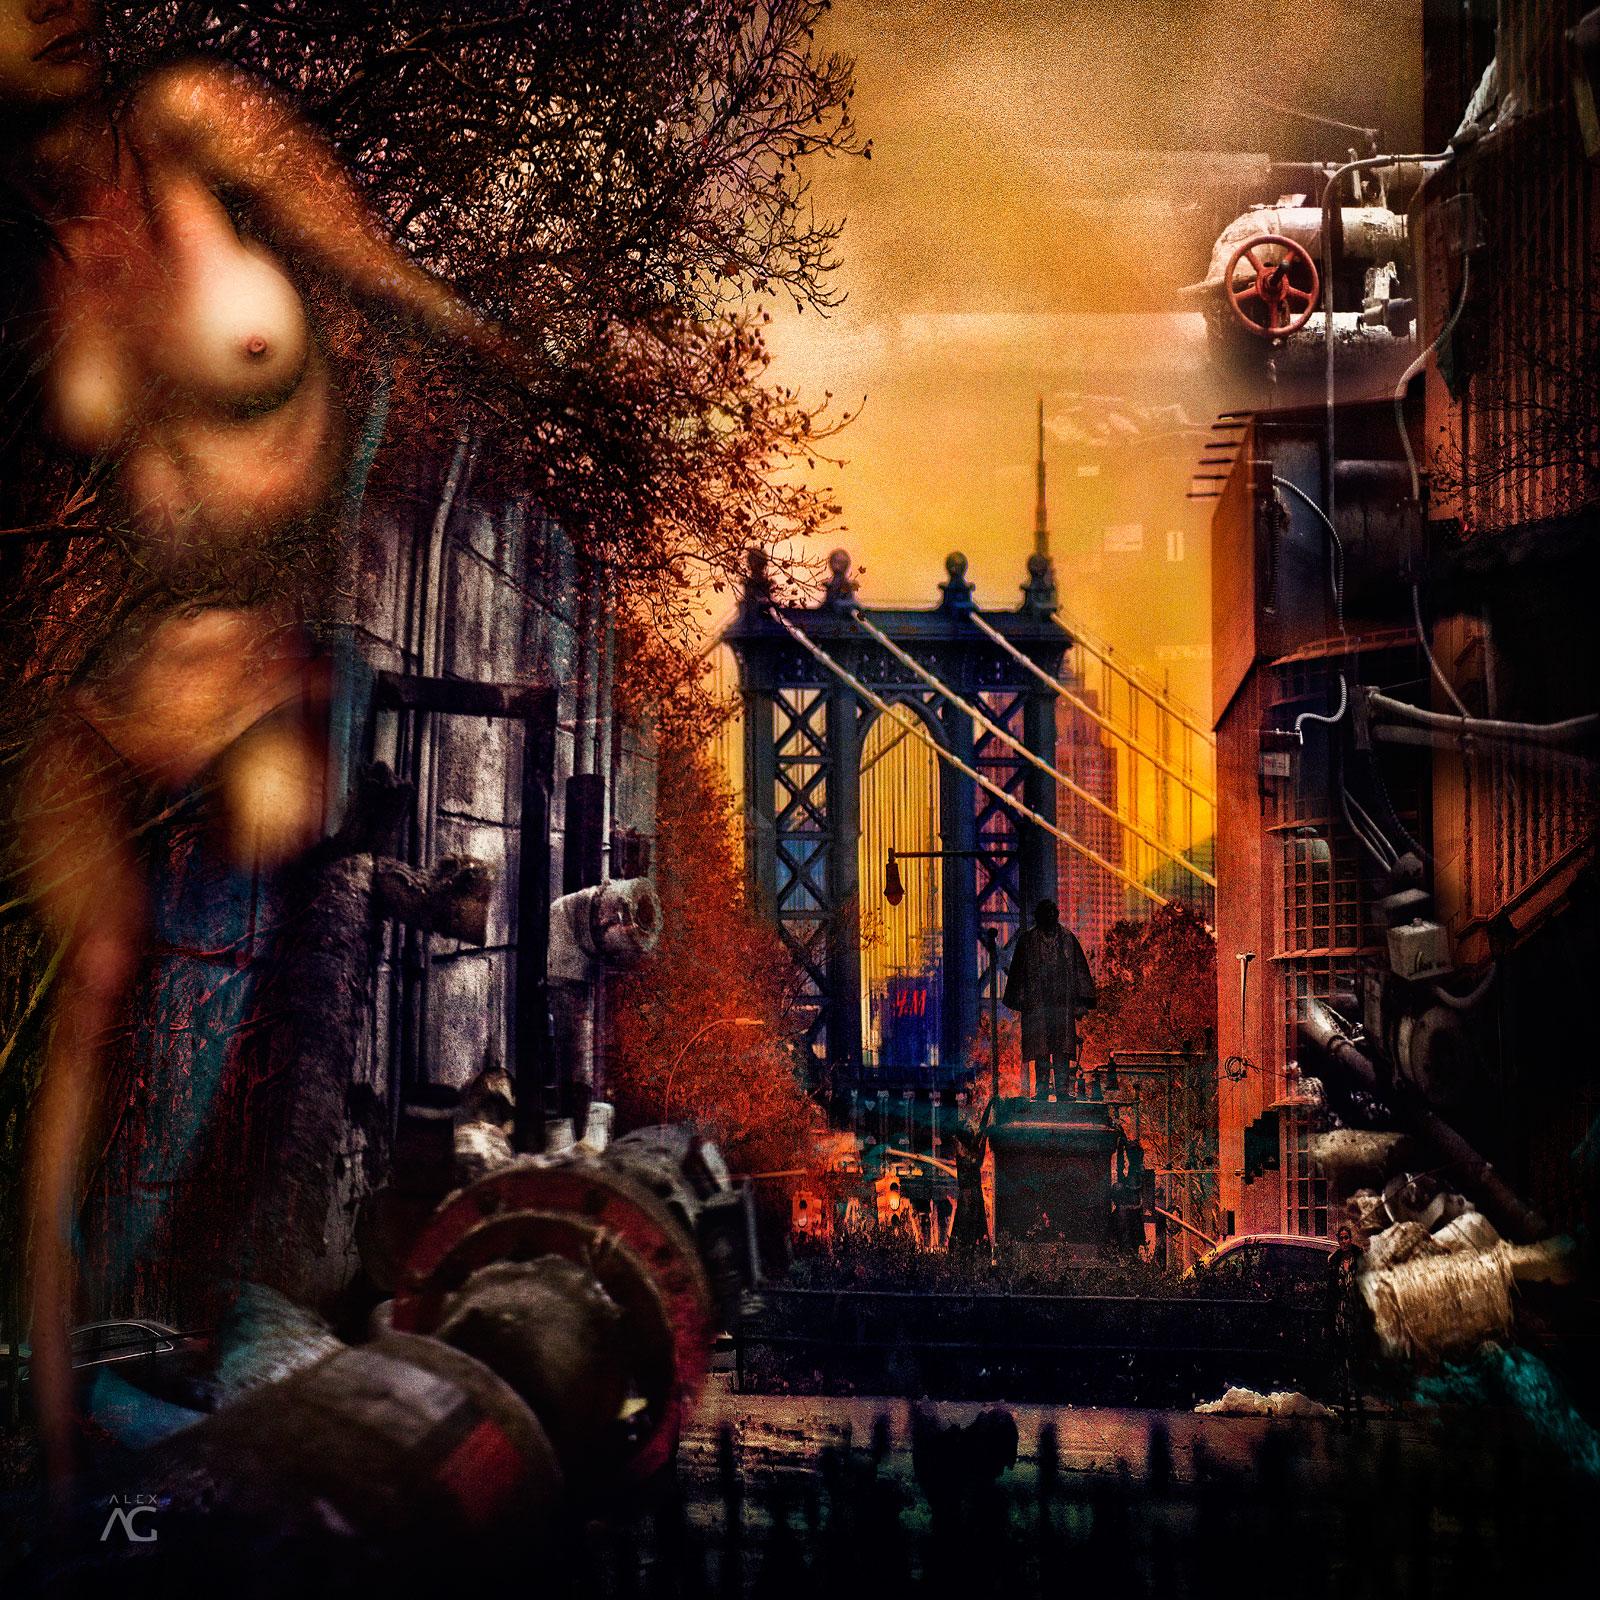 ManhattanBridgeAndEmpireStateWithStatueFromBoroughHall_cannelMixed